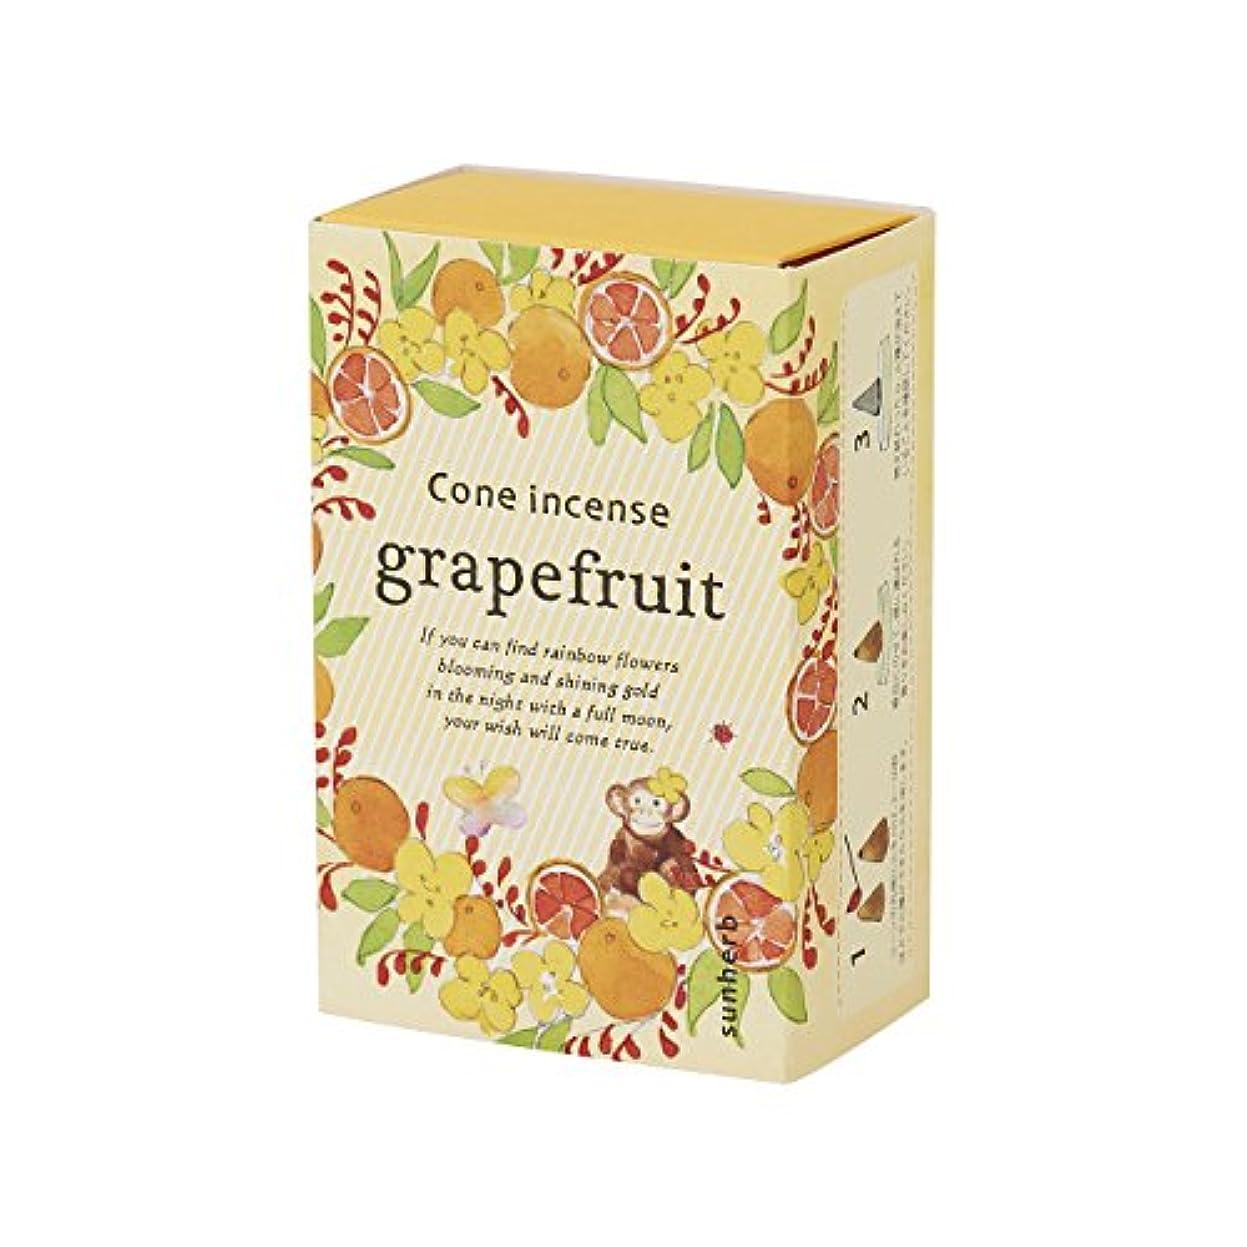 減らす提供する衰えるサンハーブ お香 コーンタイプ グレープフルーツ 16粒(インセンス 燃焼時間約20分 シャキっとまぶしい柑橘系の香り)